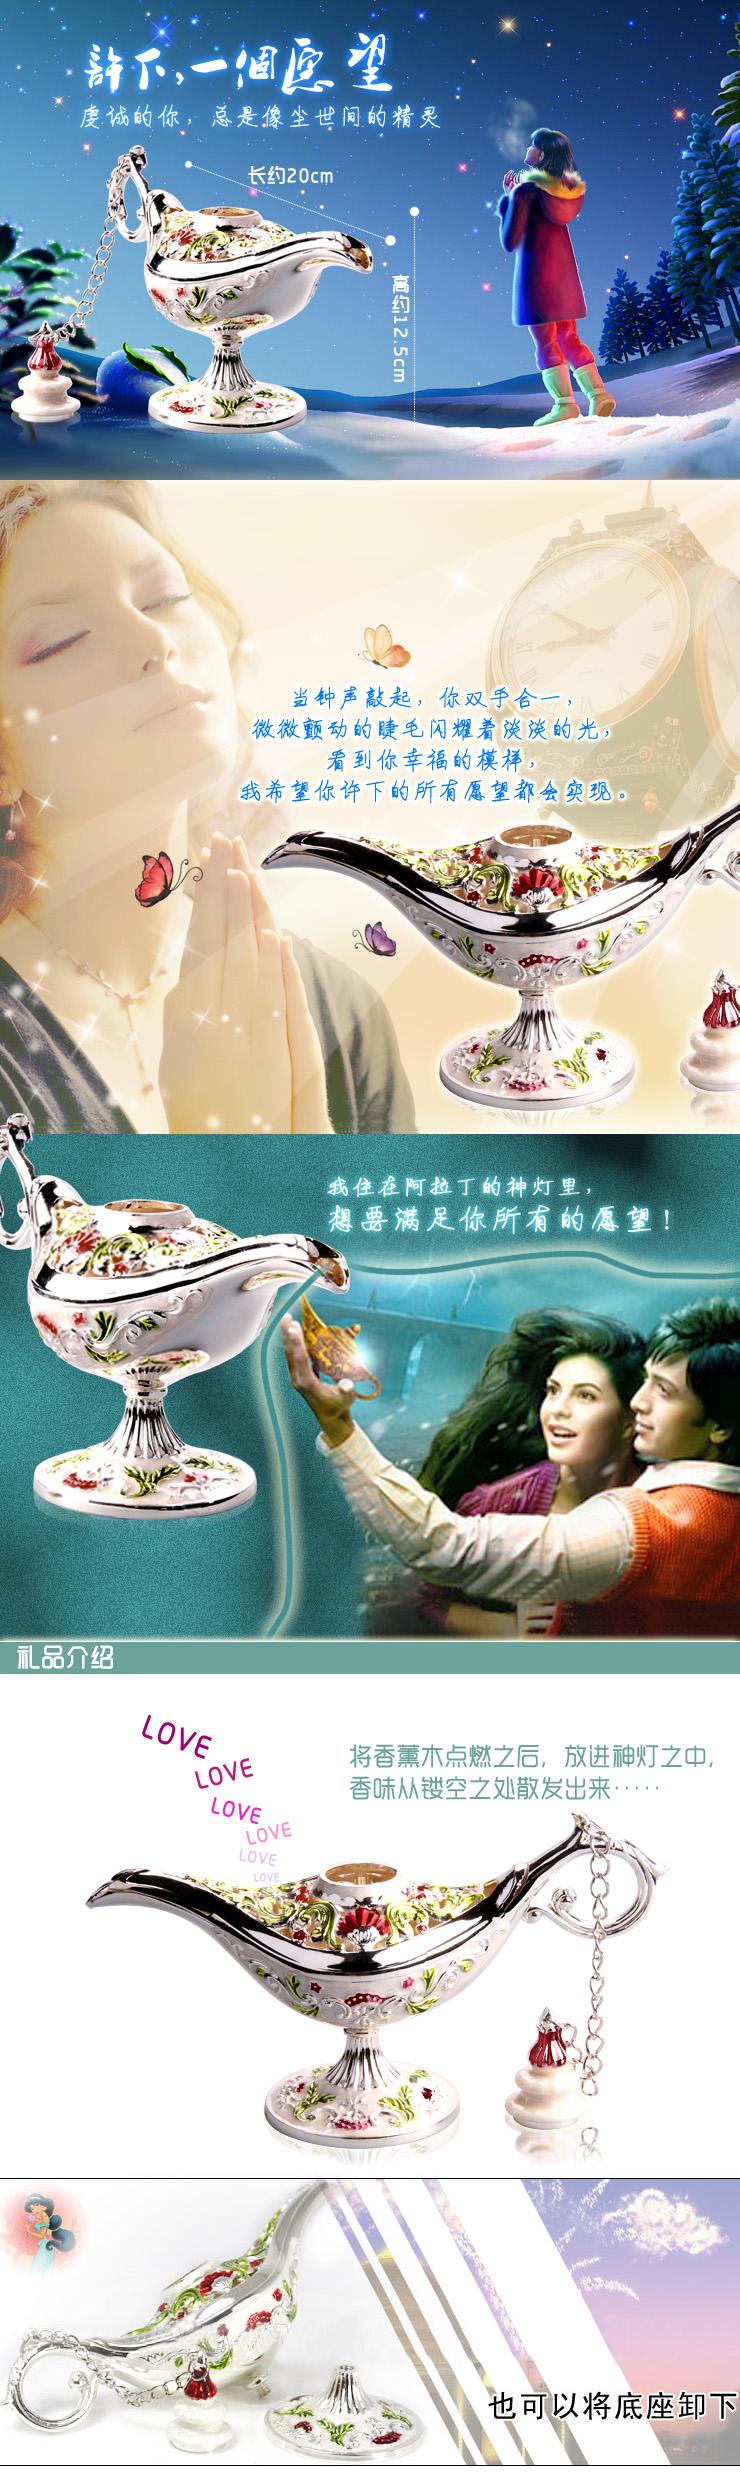 动漫欧式茶壶图片